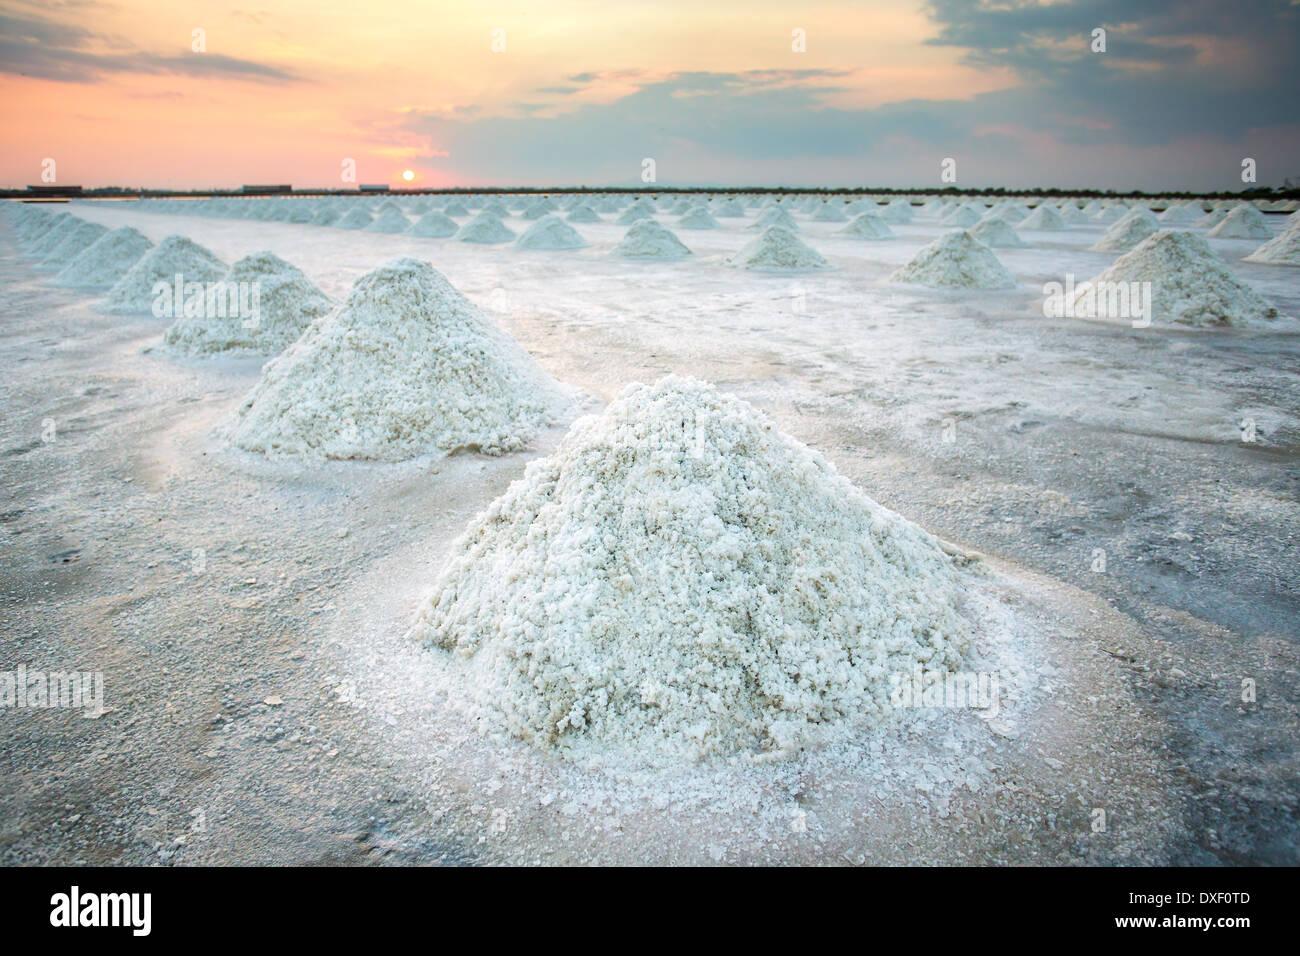 Los montones de sal en la superficie del lago de sal, Tailandia Imagen De Stock